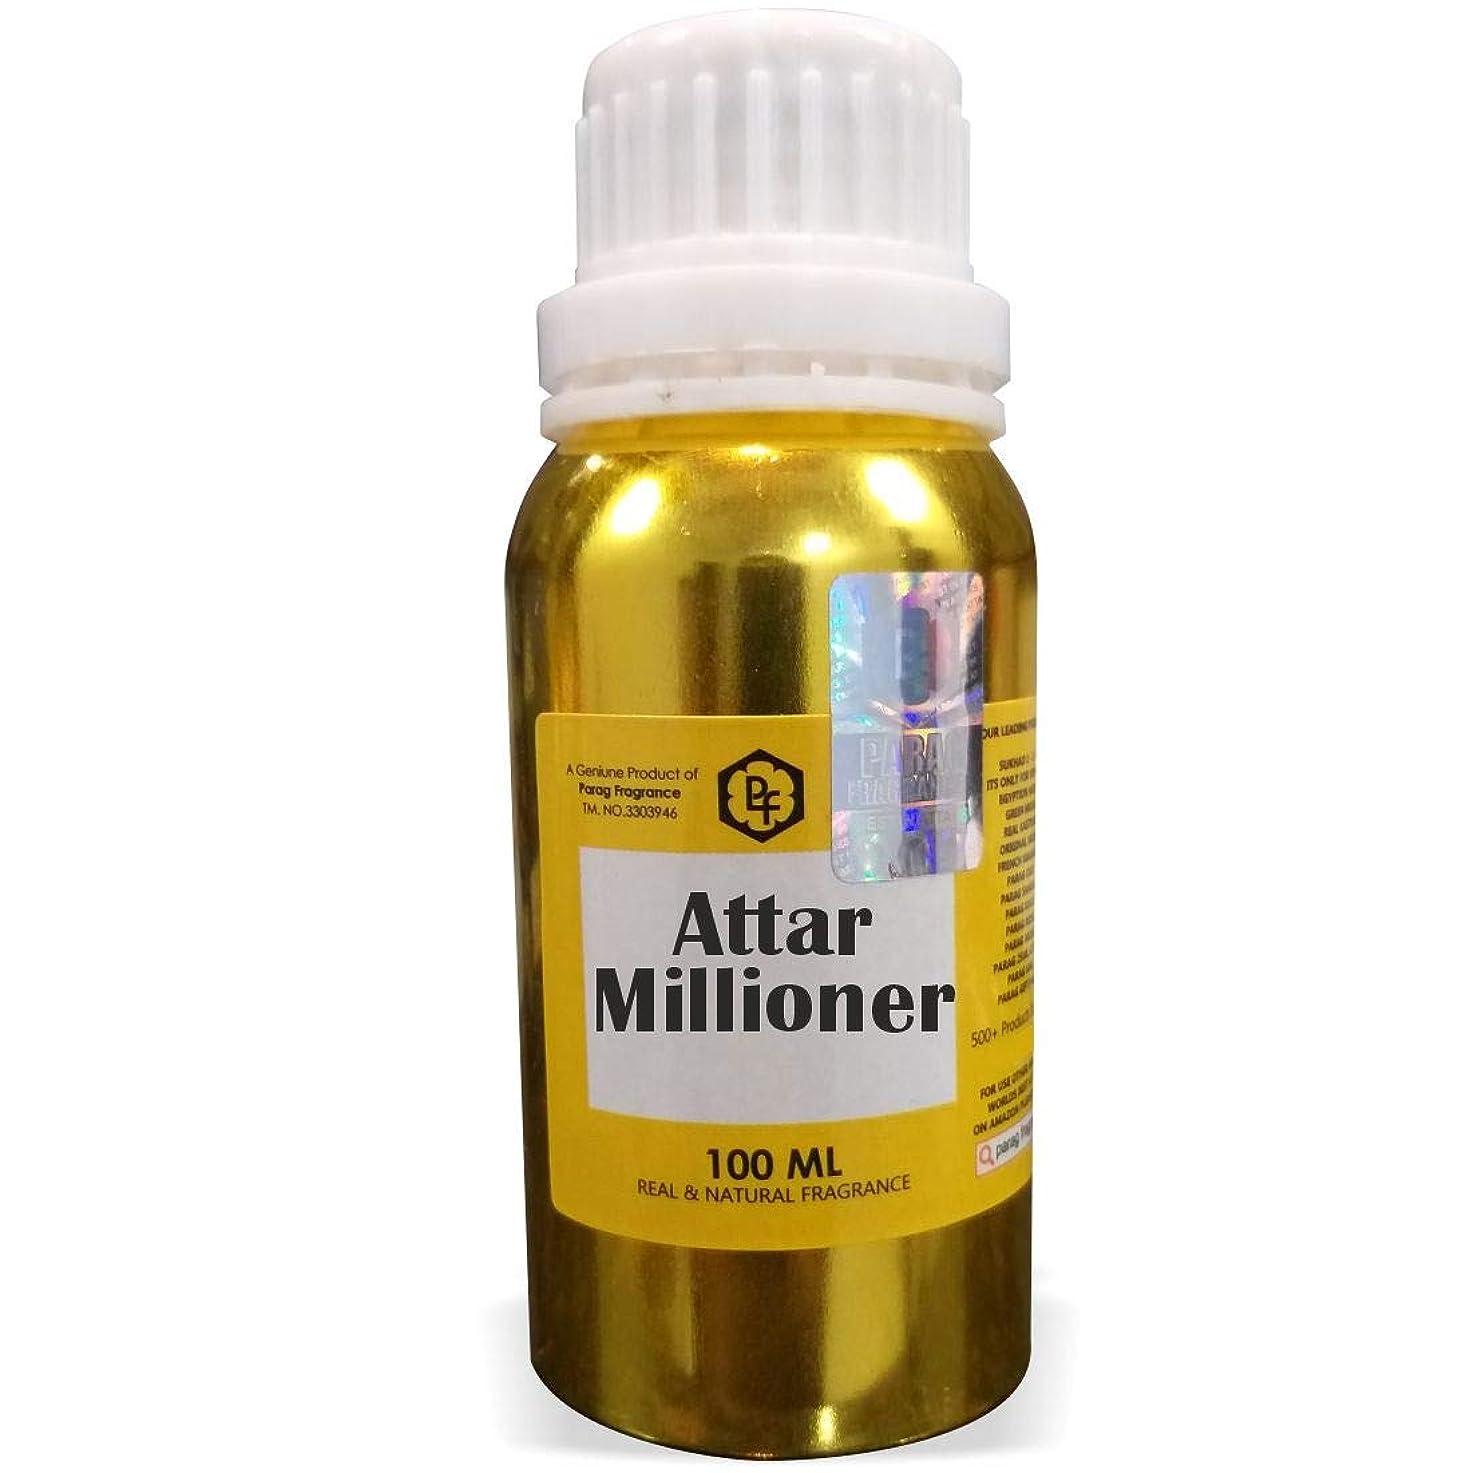 ようこそ命題お世話になったParagフレグランスMillionerアター100ミリリットル(男性用アルコールフリーアター)香油| 香り| ITRA